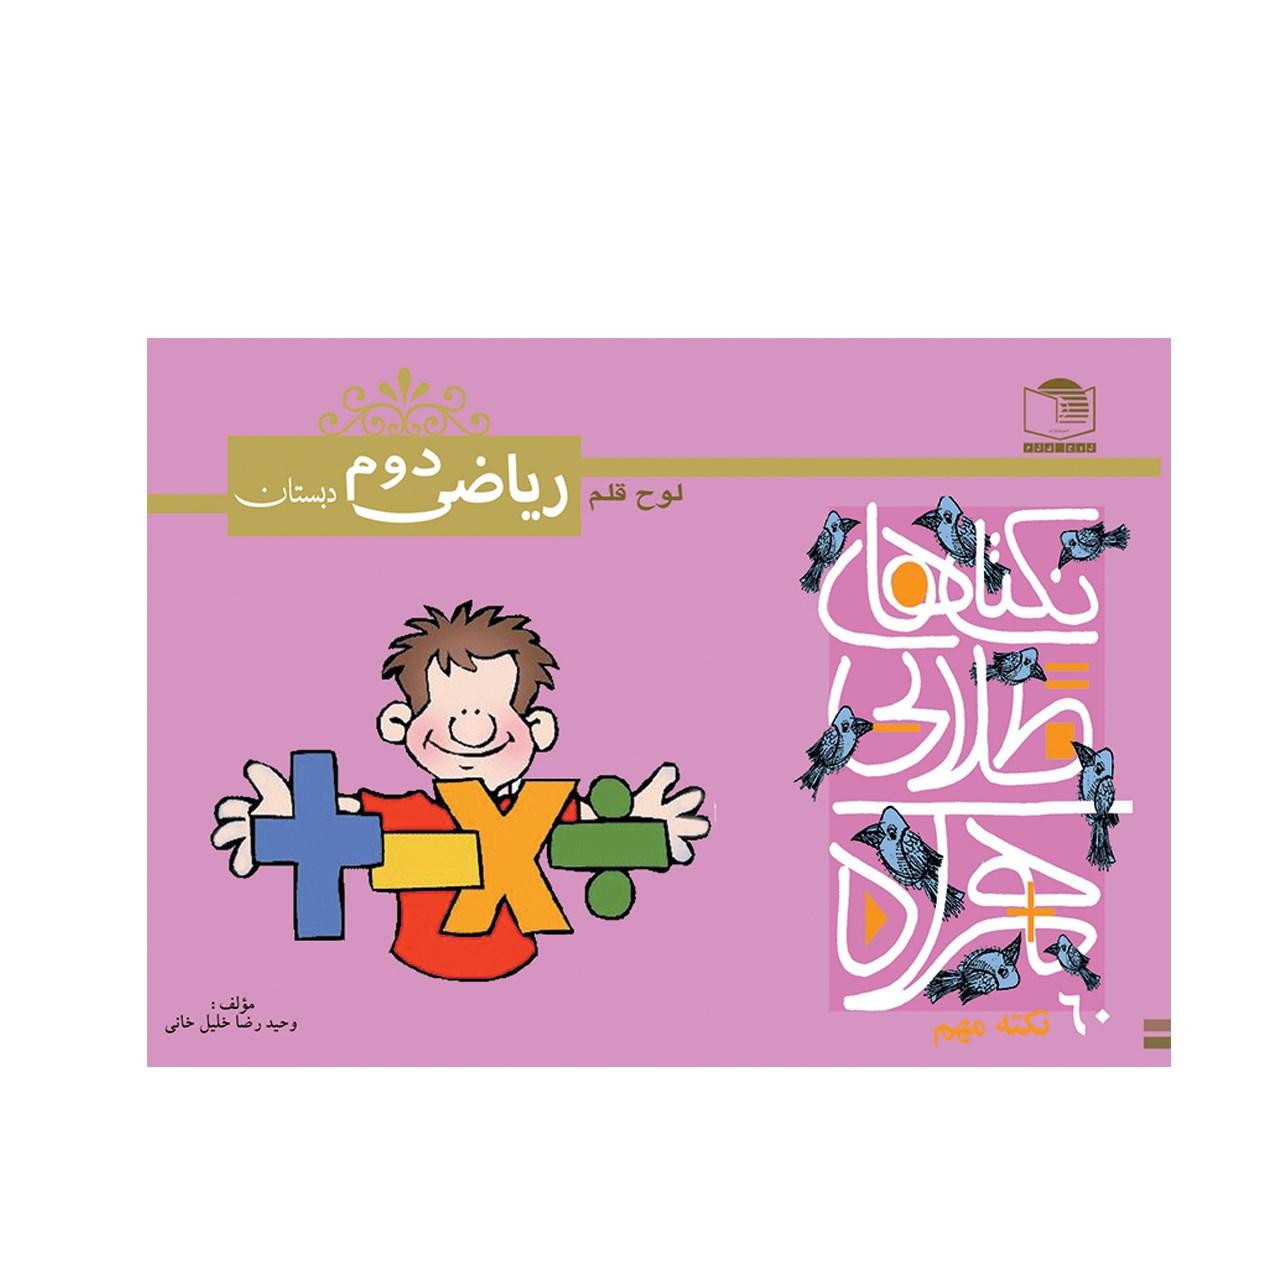 کتاب 60 نکته طلایی  ریاضی دوم دبستان  نشر لوح و قلم